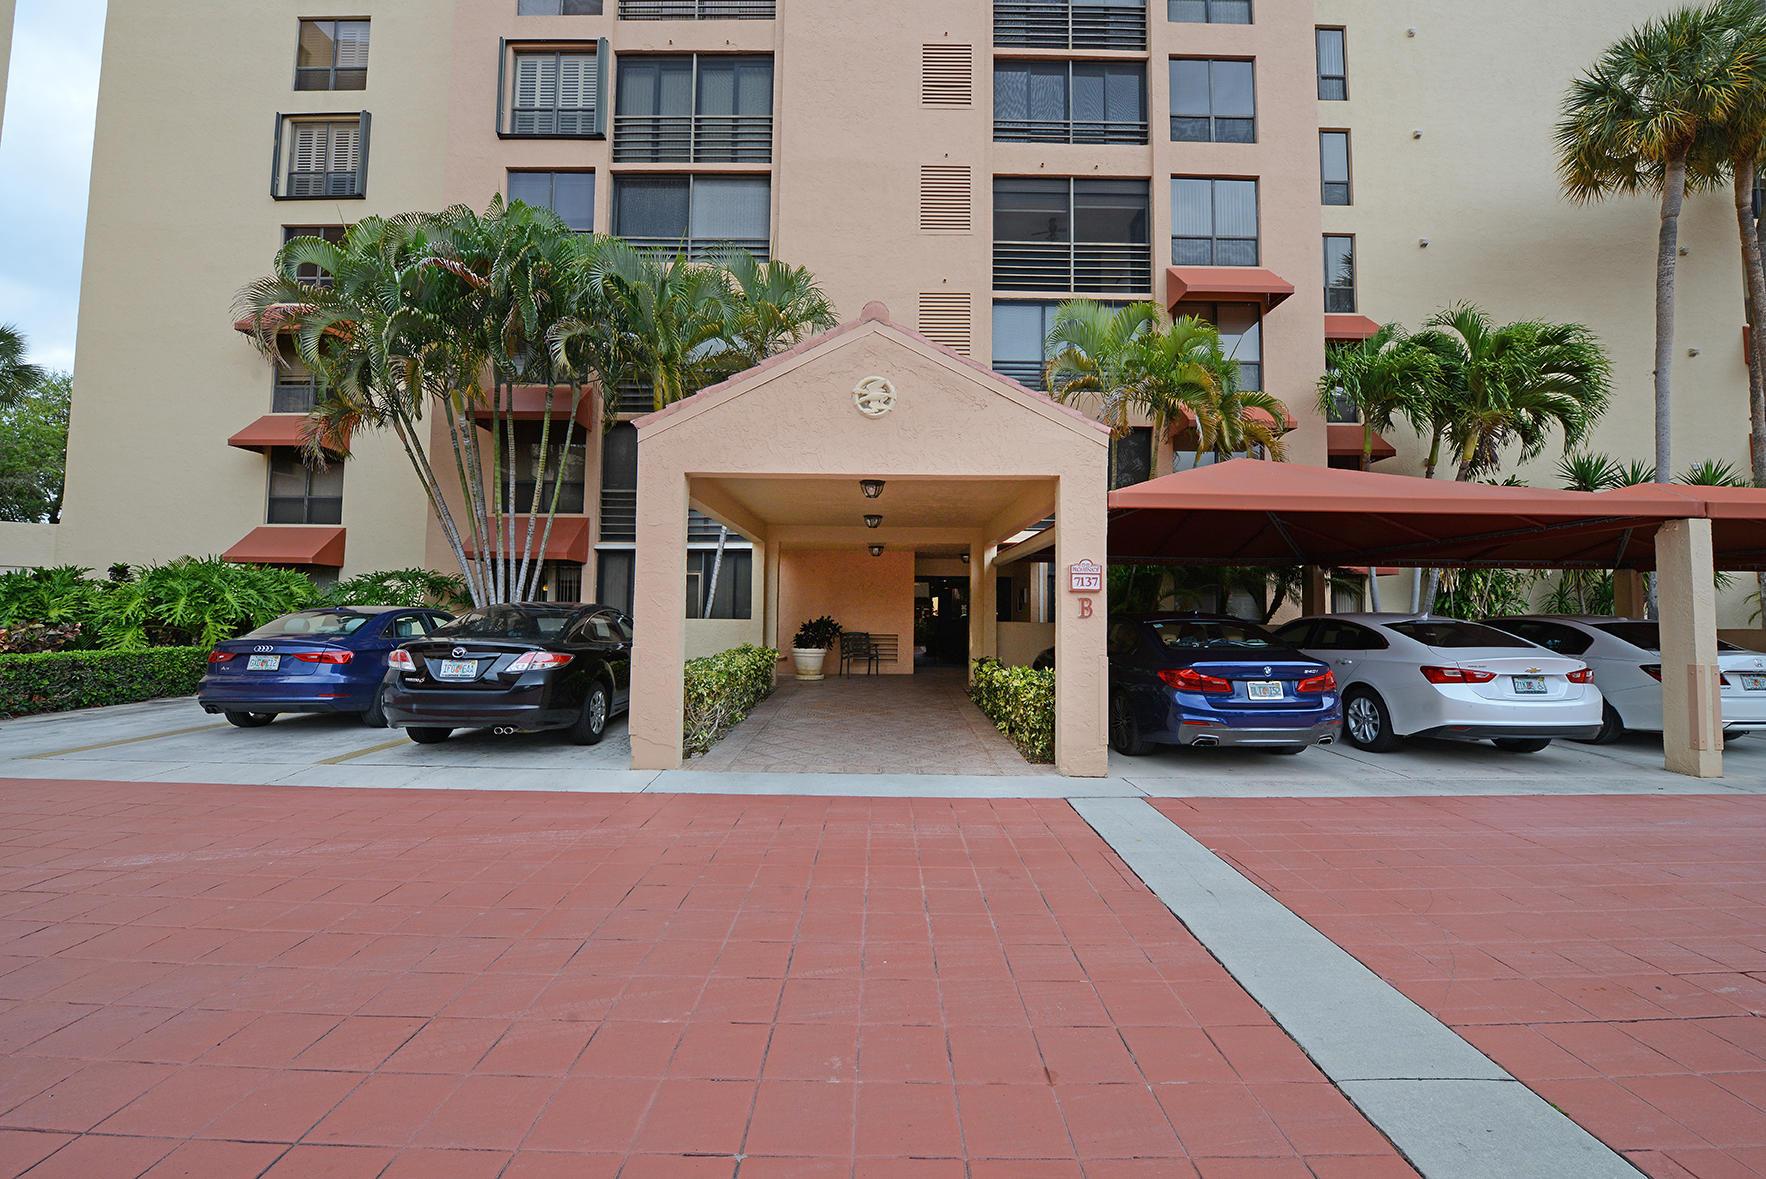 Photo of 7137 Promenade Drive #202, Boca Raton, FL 33433